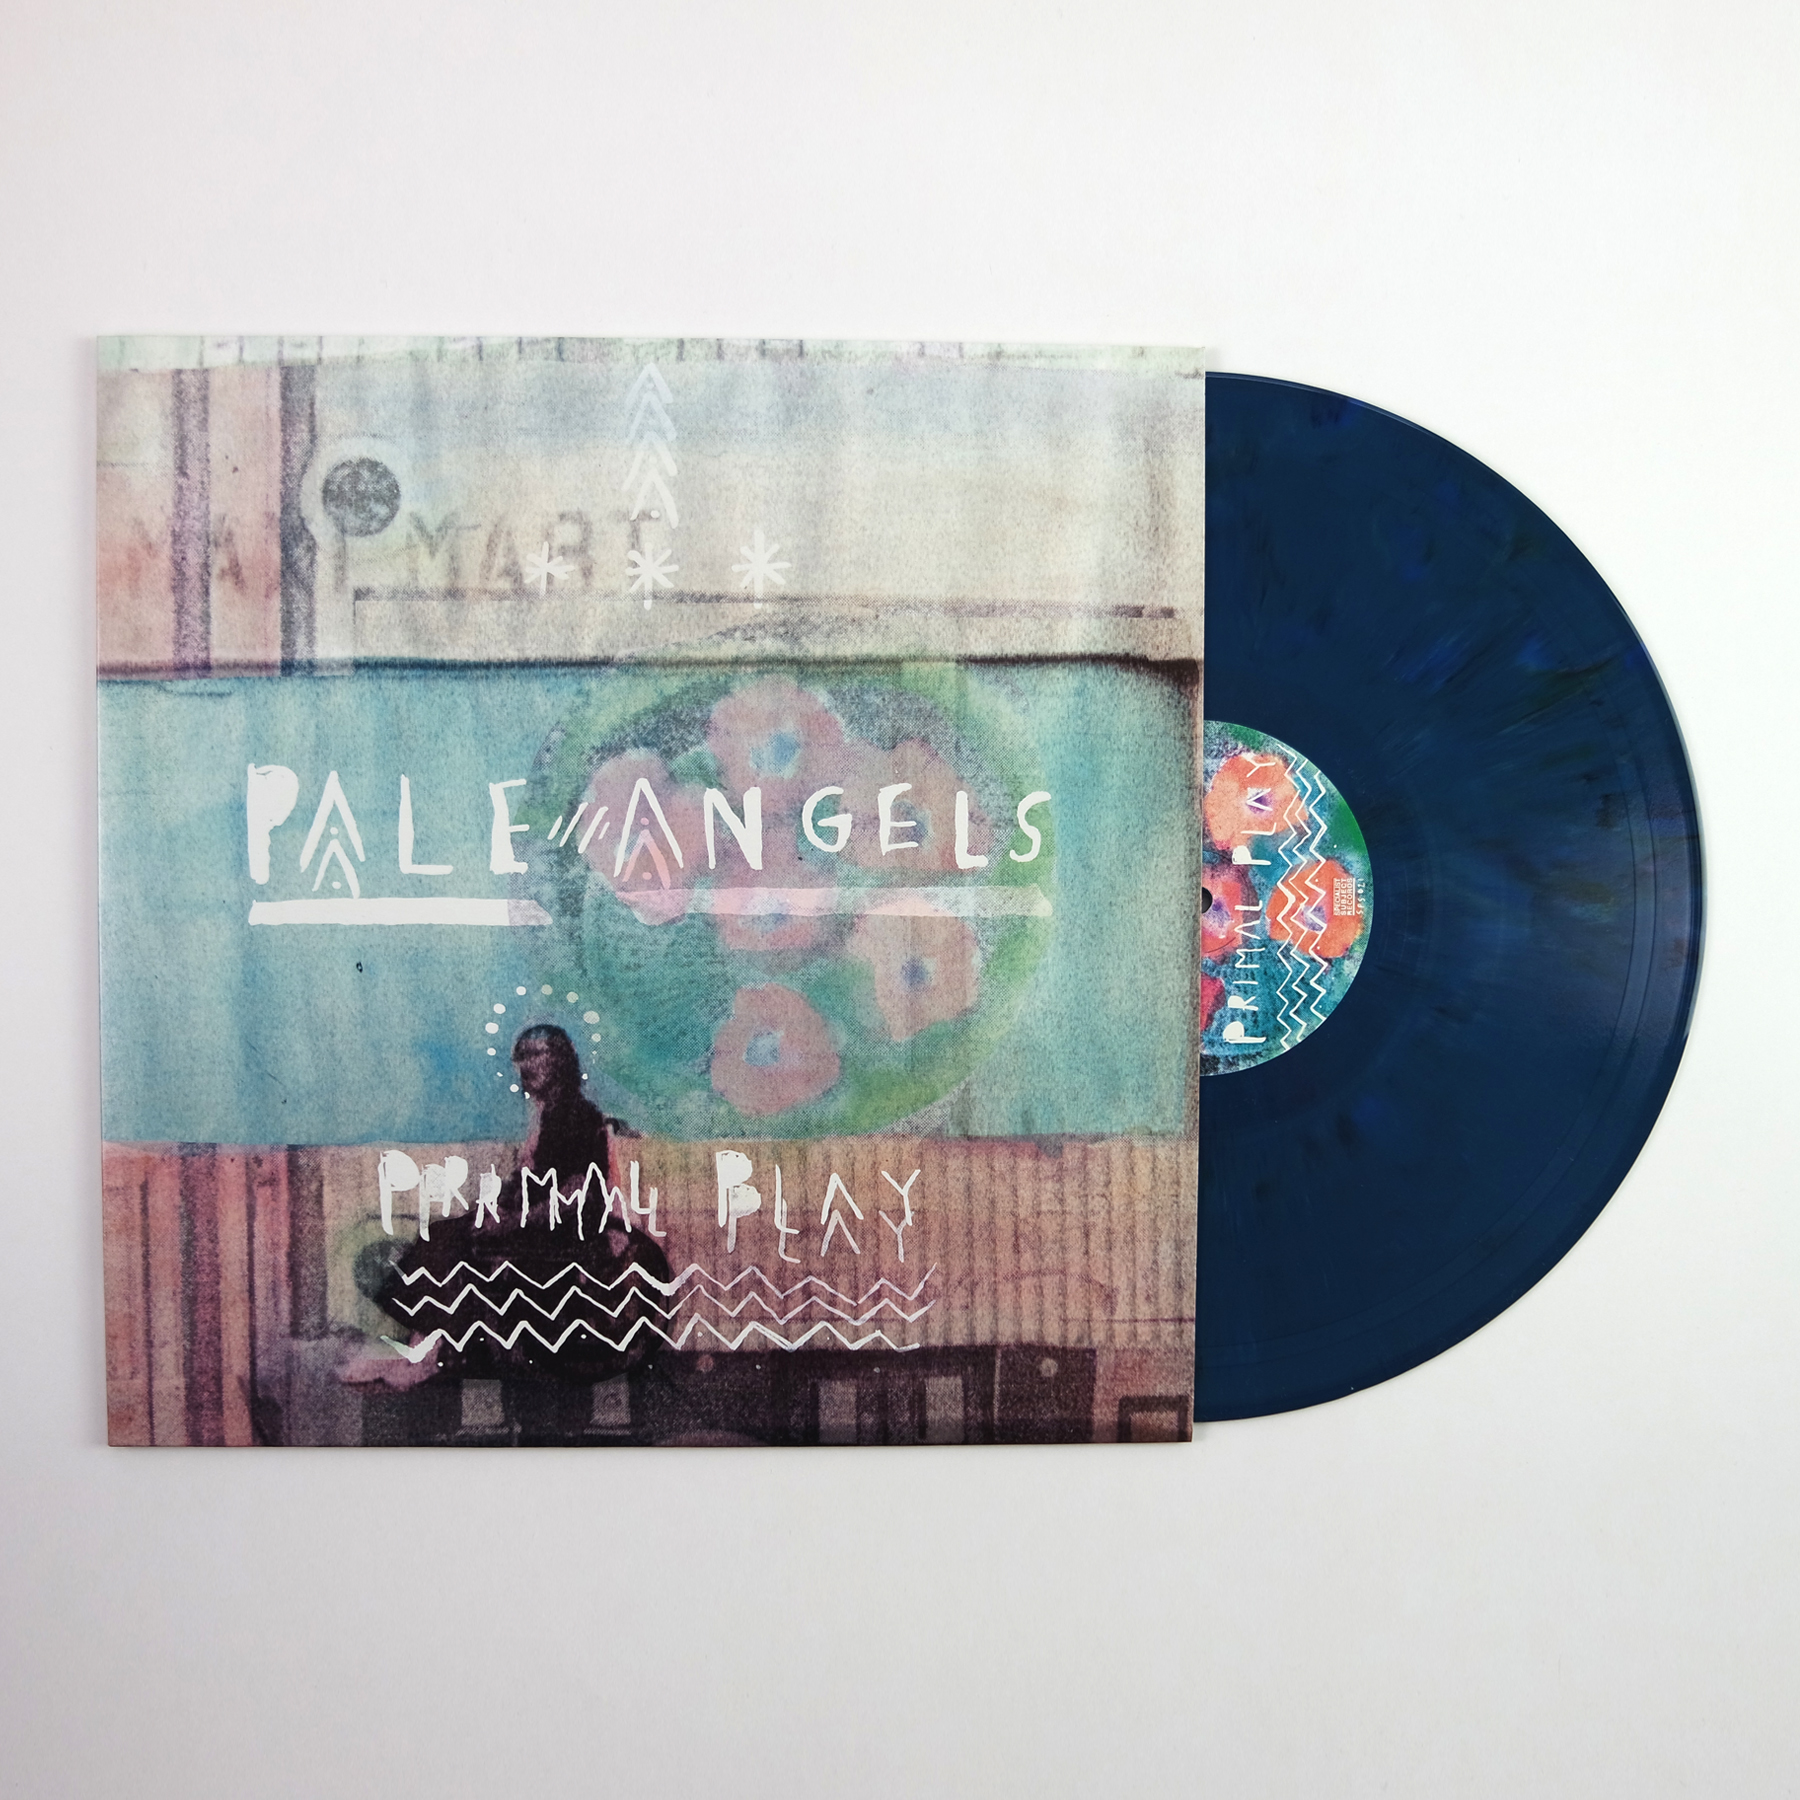 Pale Angels - Primal Play LP